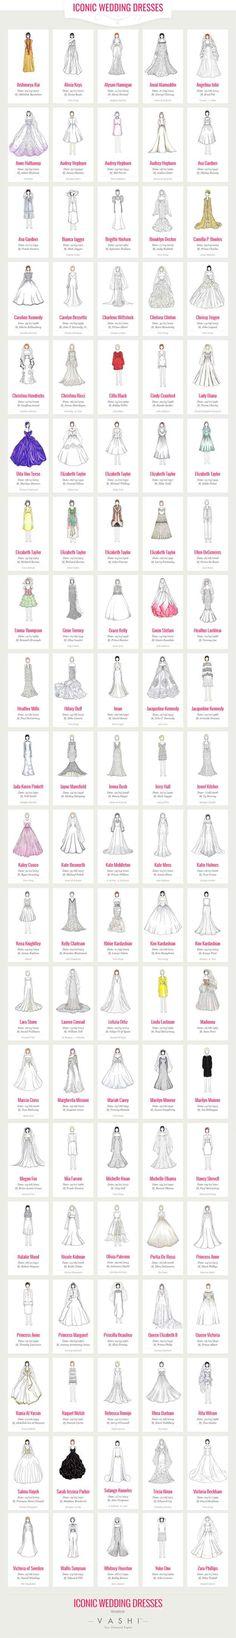 He aquí la fabulosa versión del gráfico con los 100 vestidos, desde la actriz india Aishawarya Rai hasta la real Zara Phillips. Es difícil escoger solo UNO: